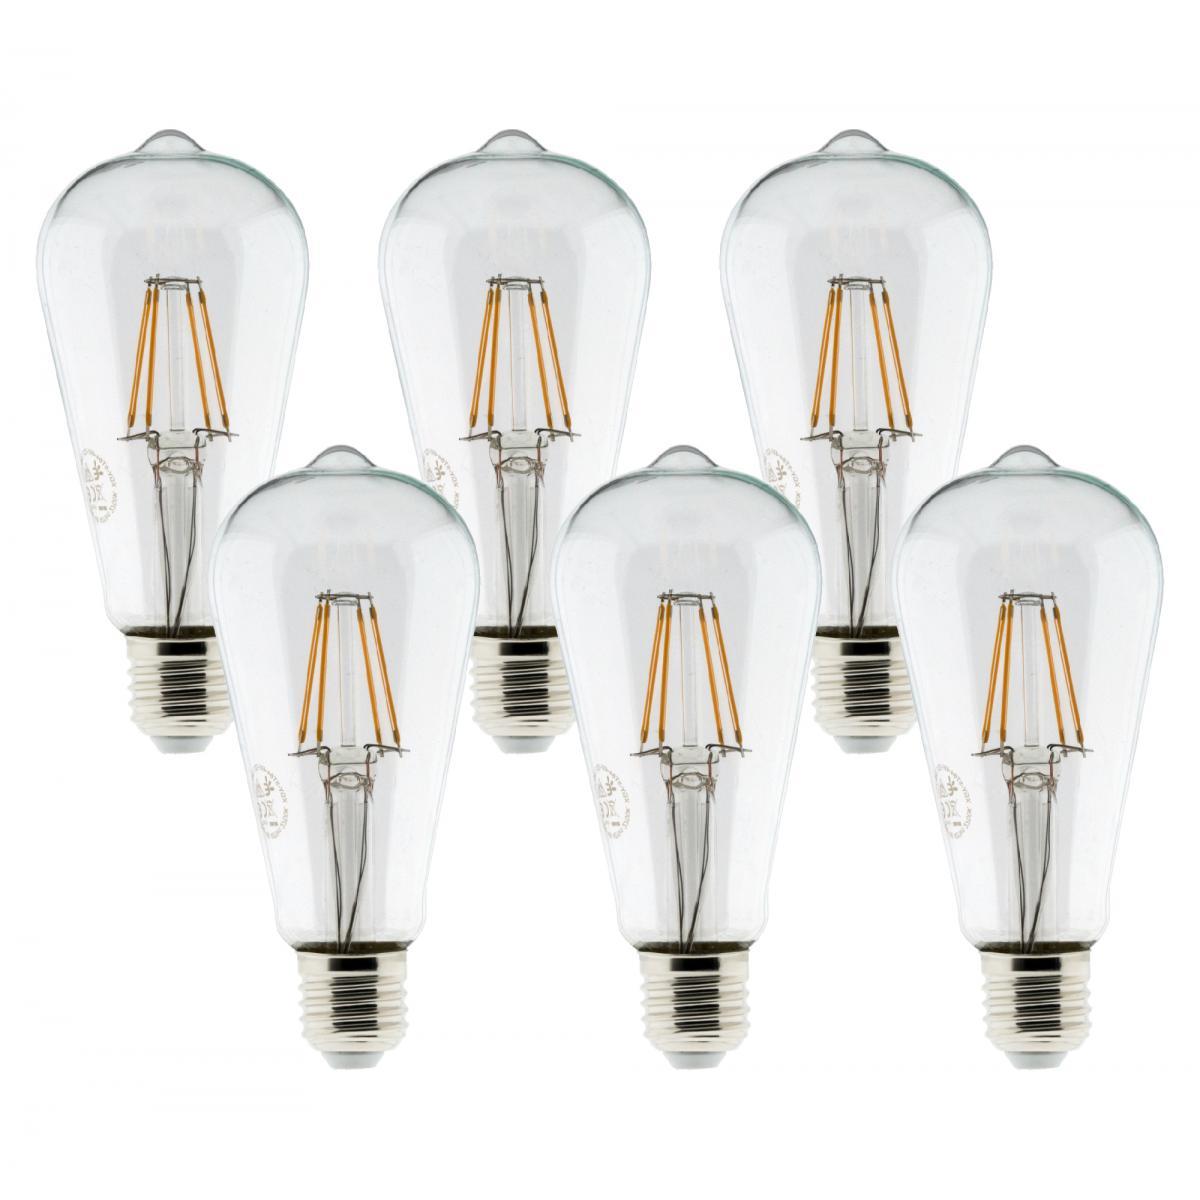 Elexity Pack de 6 ampoules LED Déco filament 4W E27 Edison